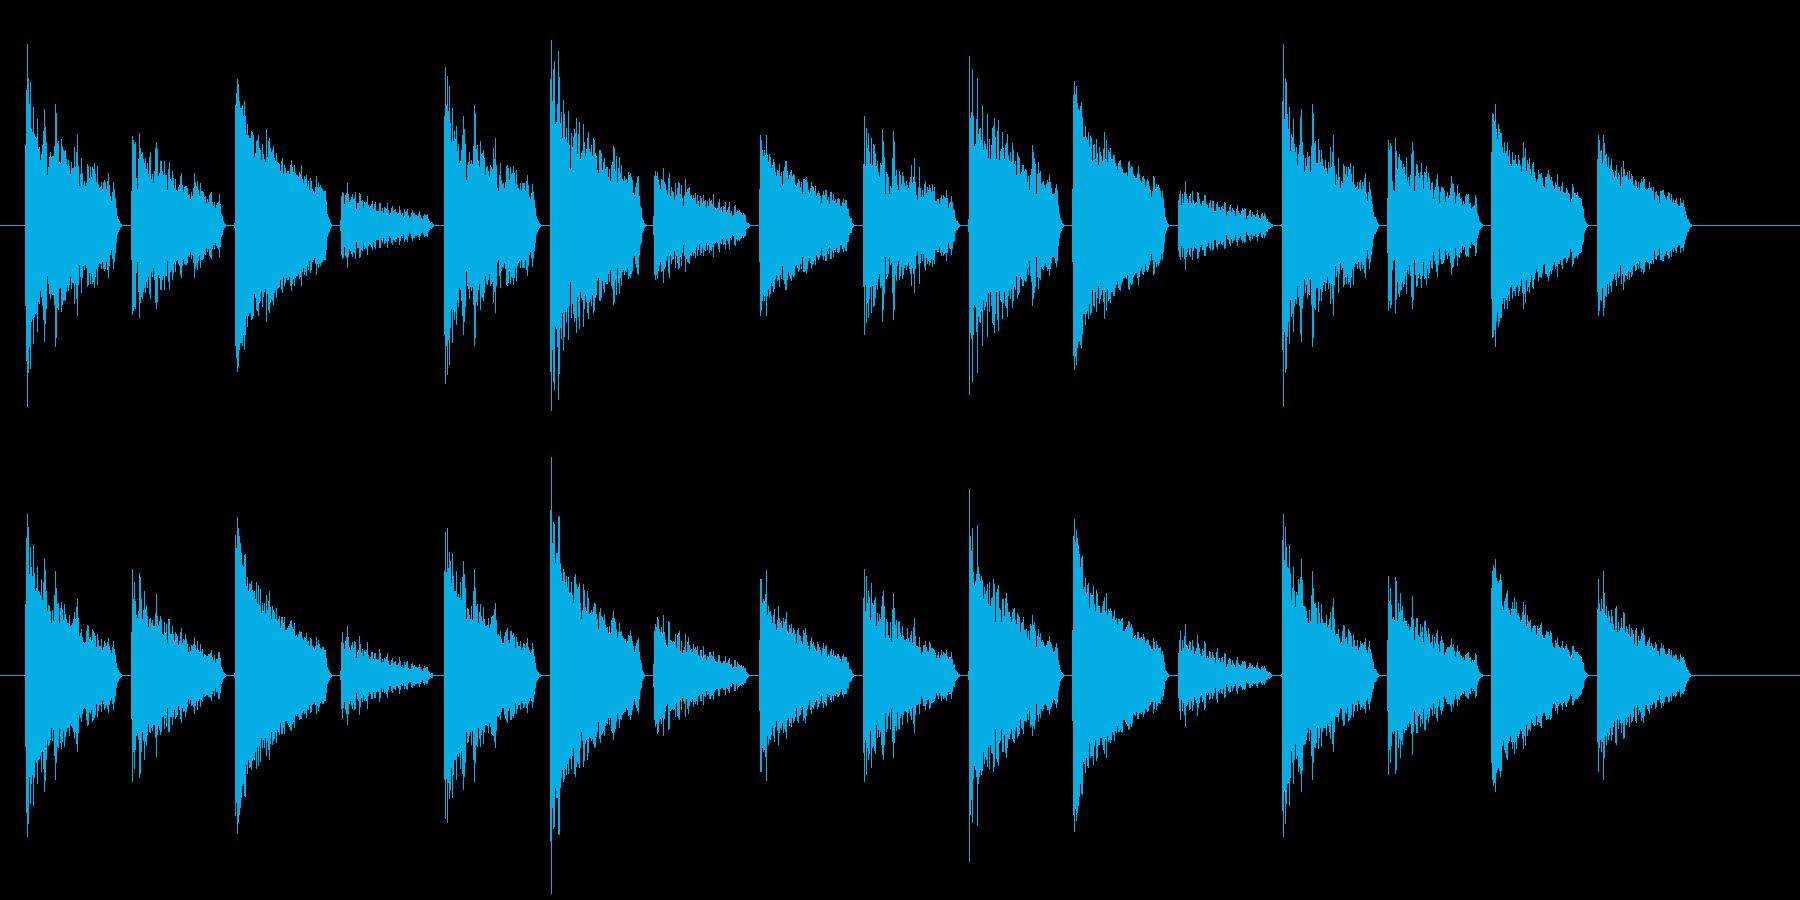 危険を知らせるアラート音(警戒度:高)の再生済みの波形